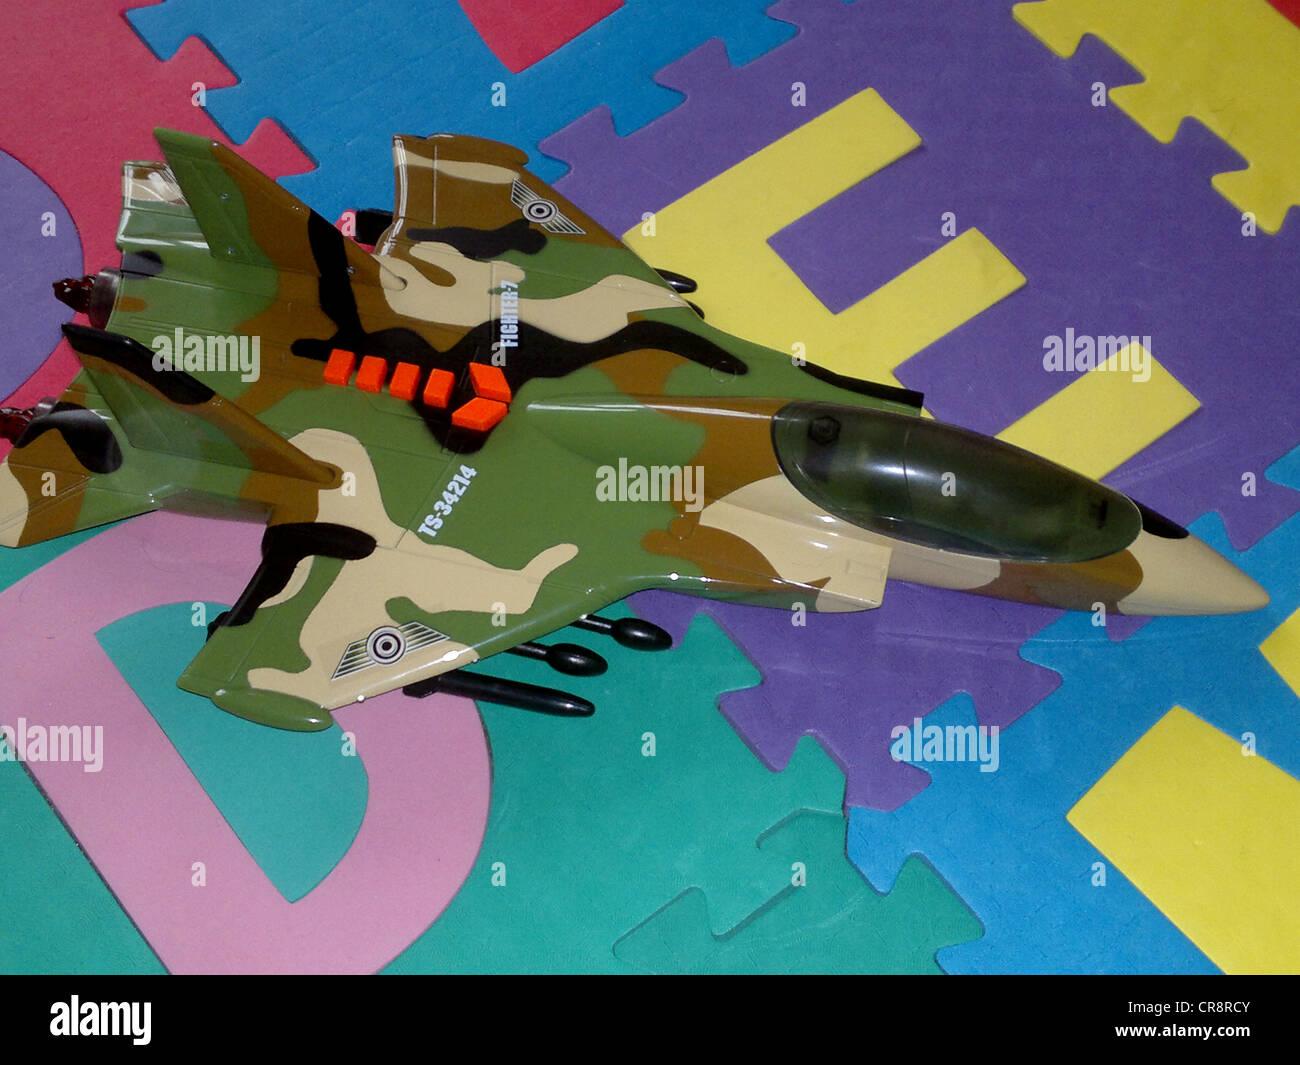 jet plane toy room - Stock Image